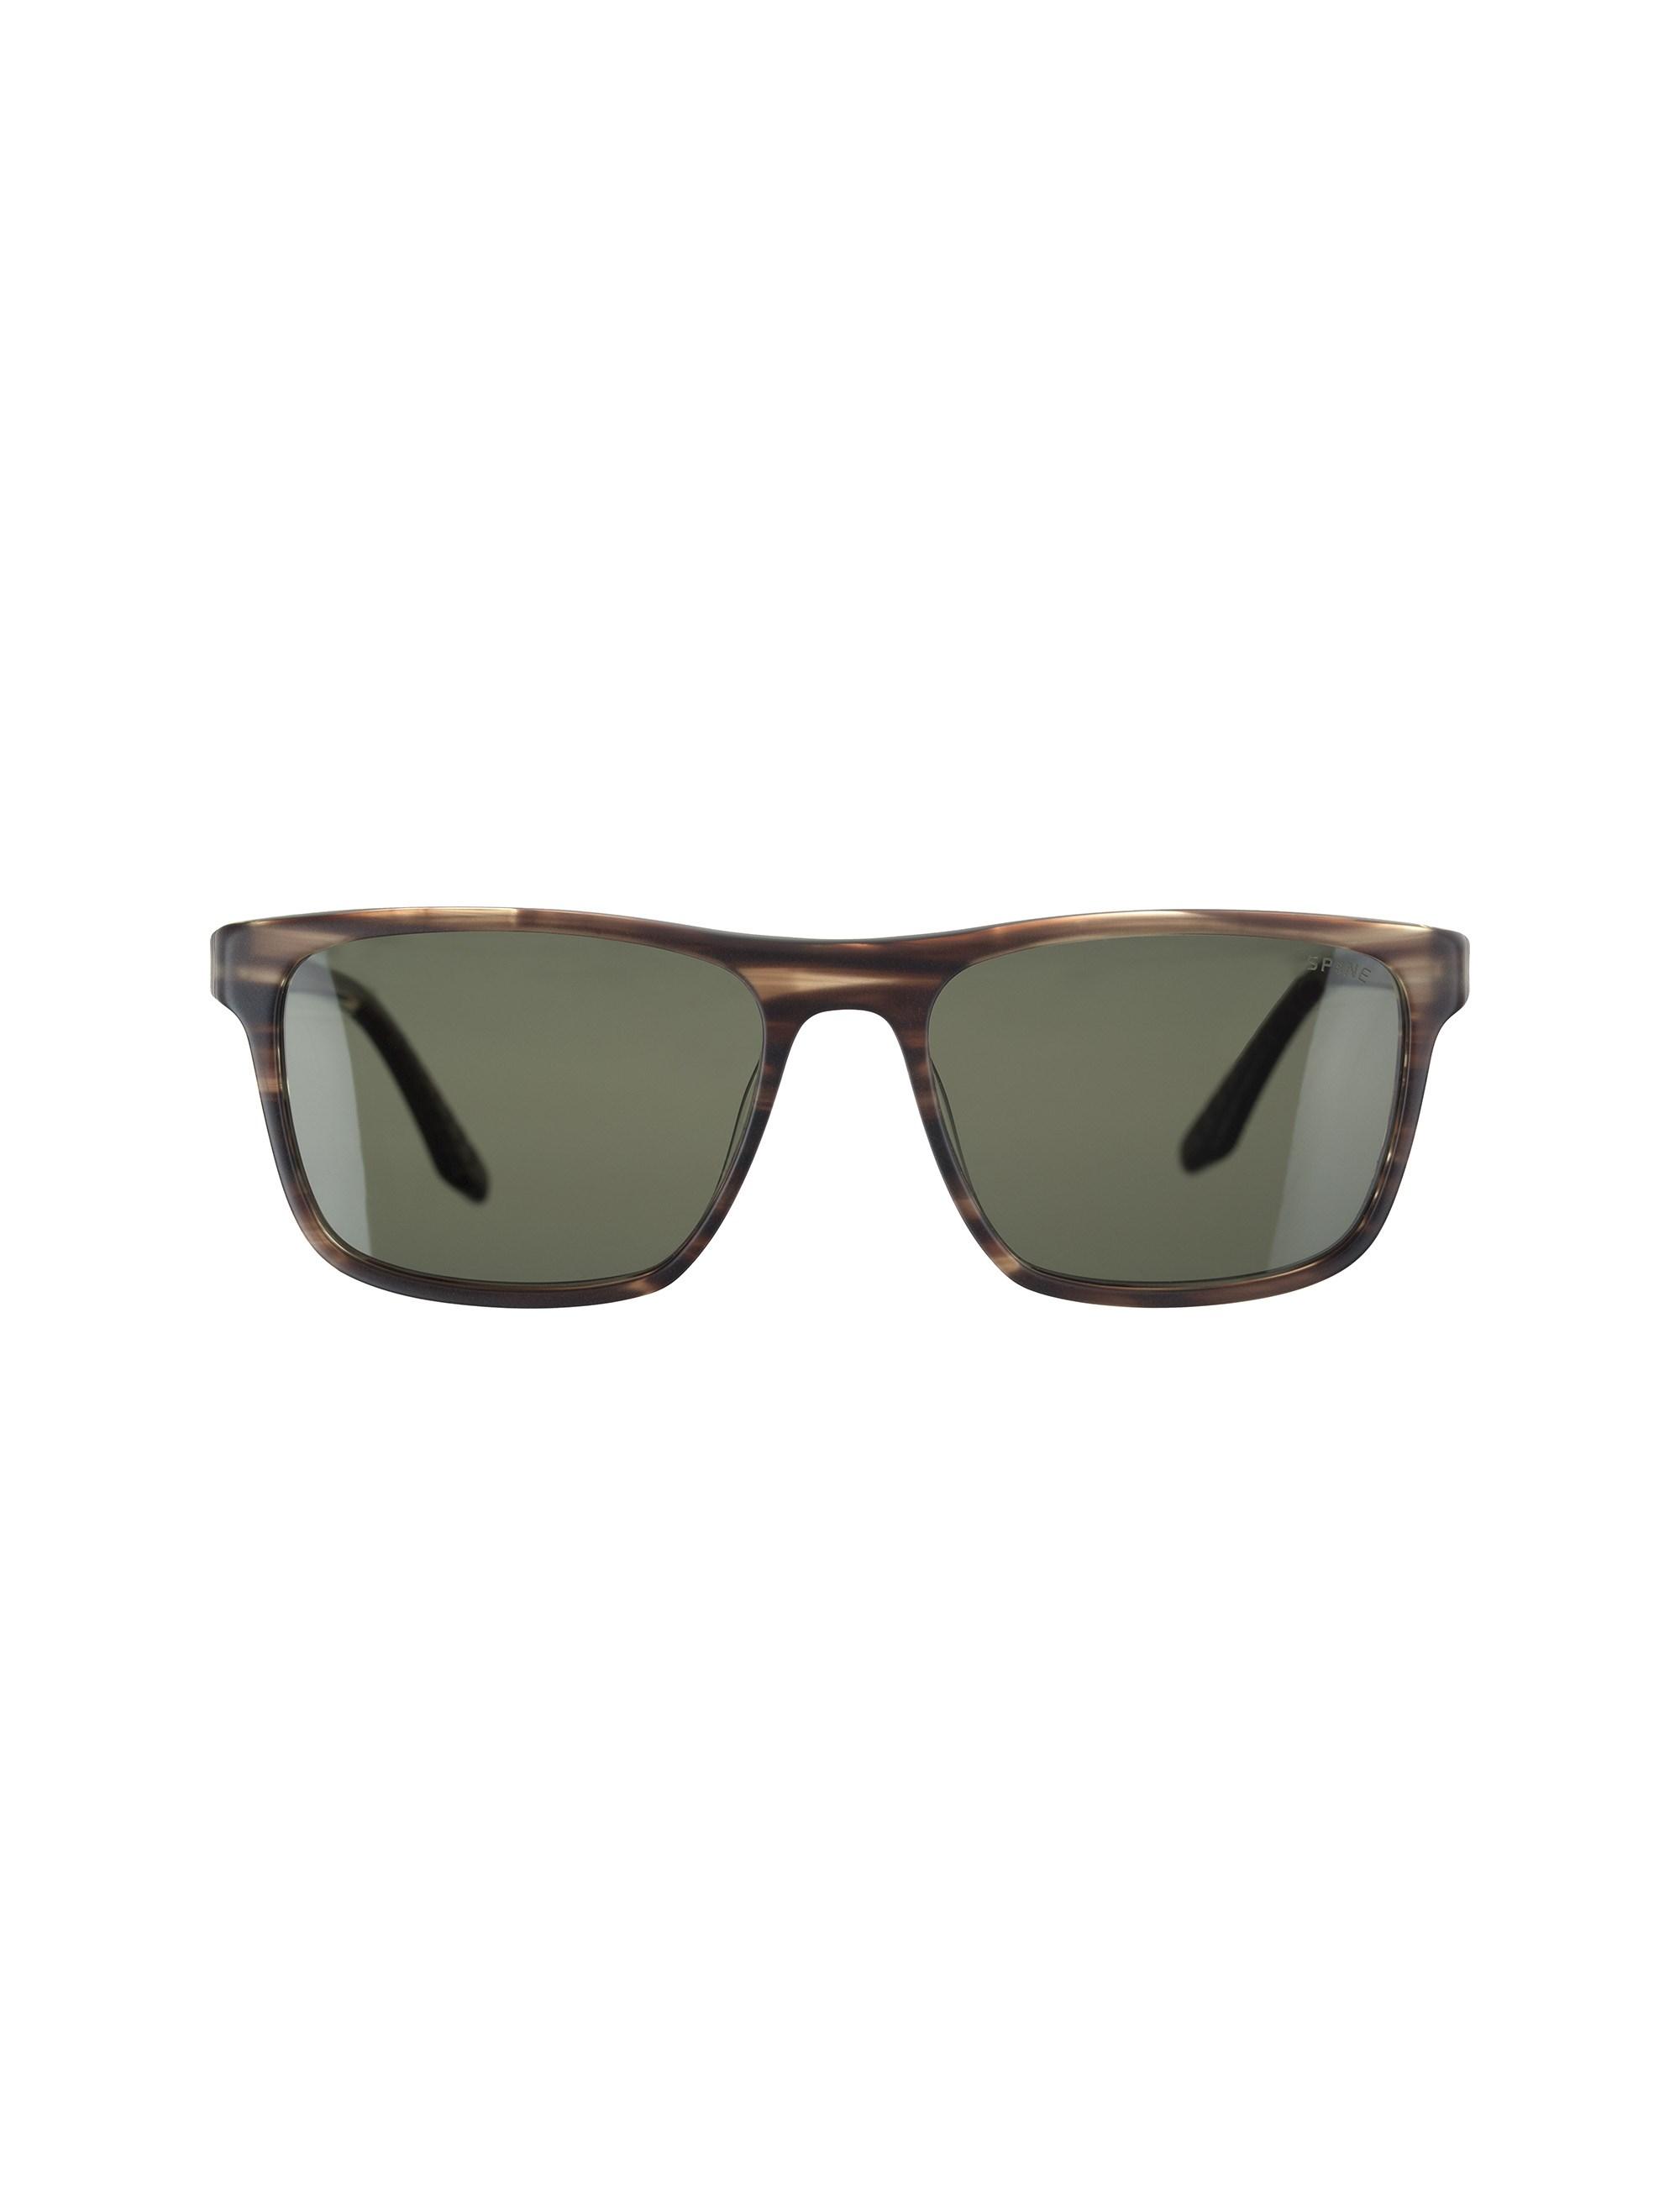 عینک آفتابی ویفرر مردانه - اسپاین